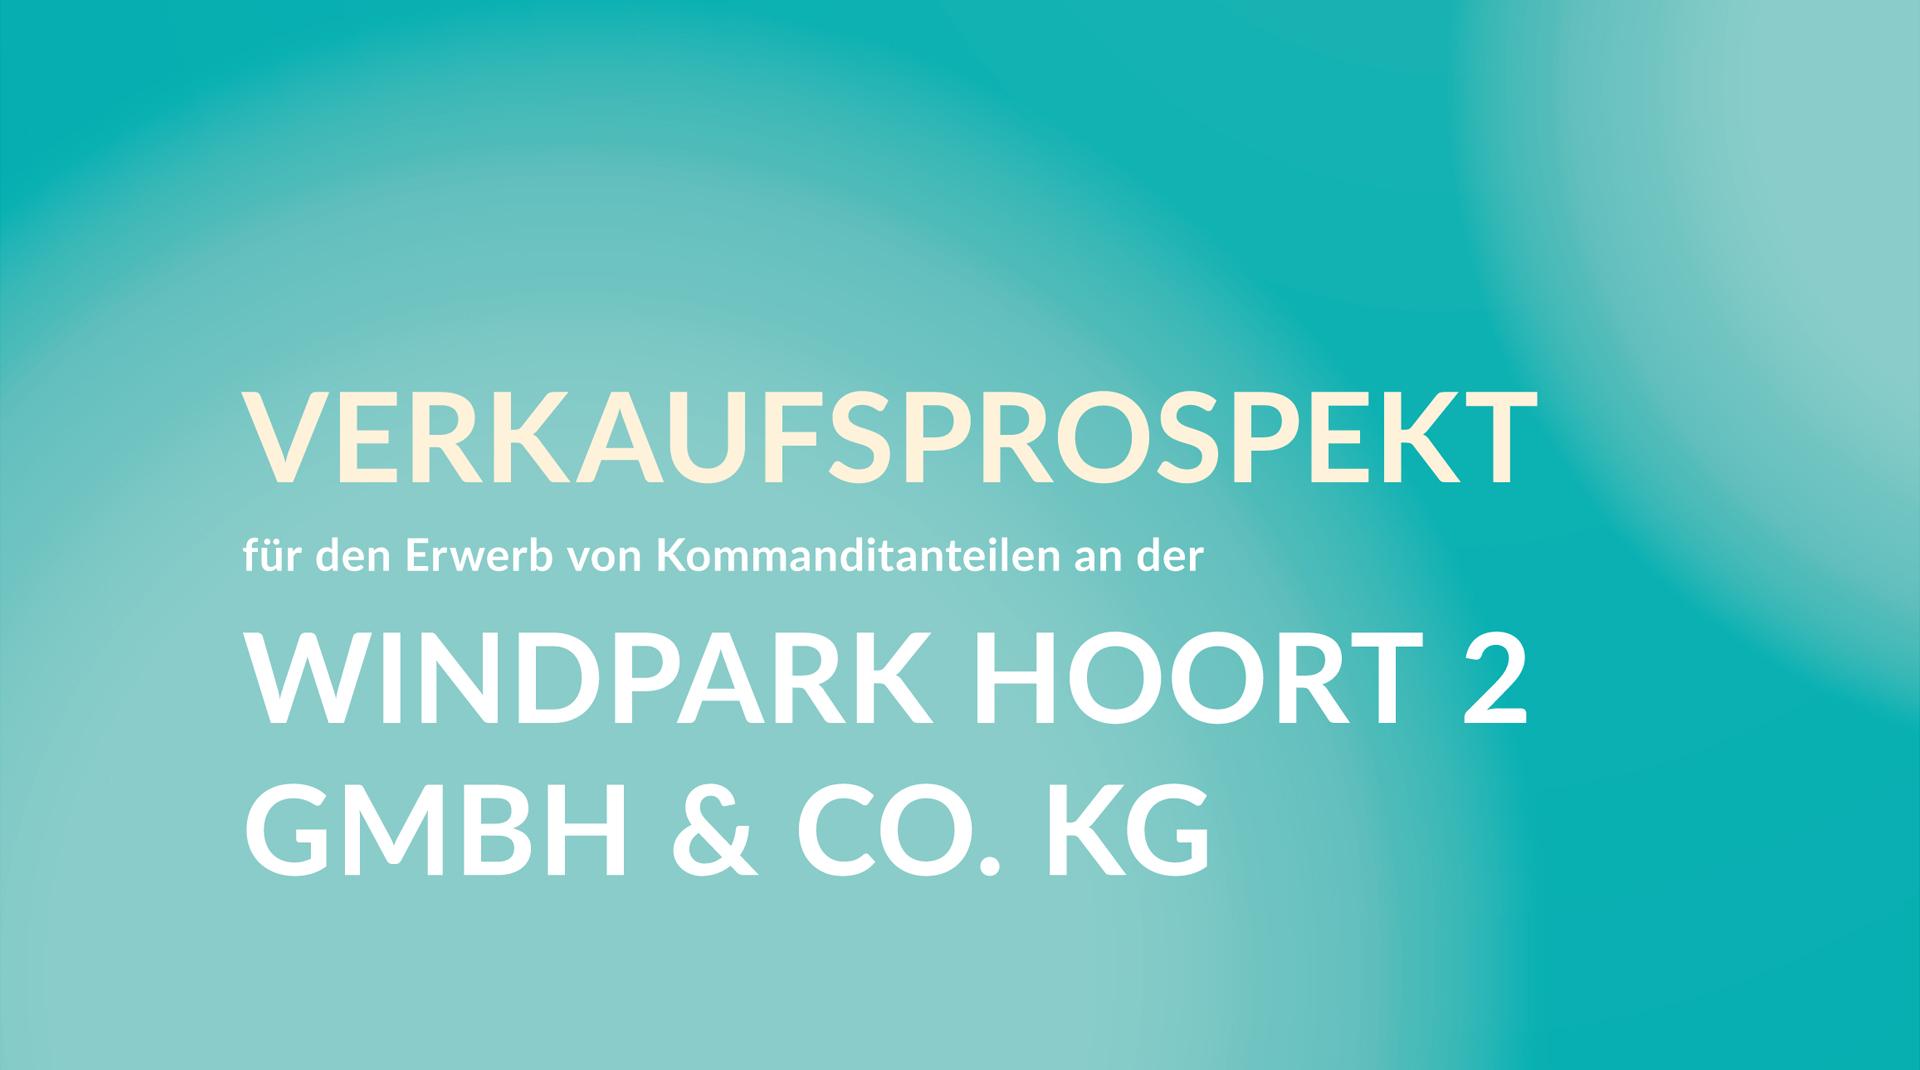 Ausschnitt des Titels des Verkaufsprospekts Windpark Hoort 2